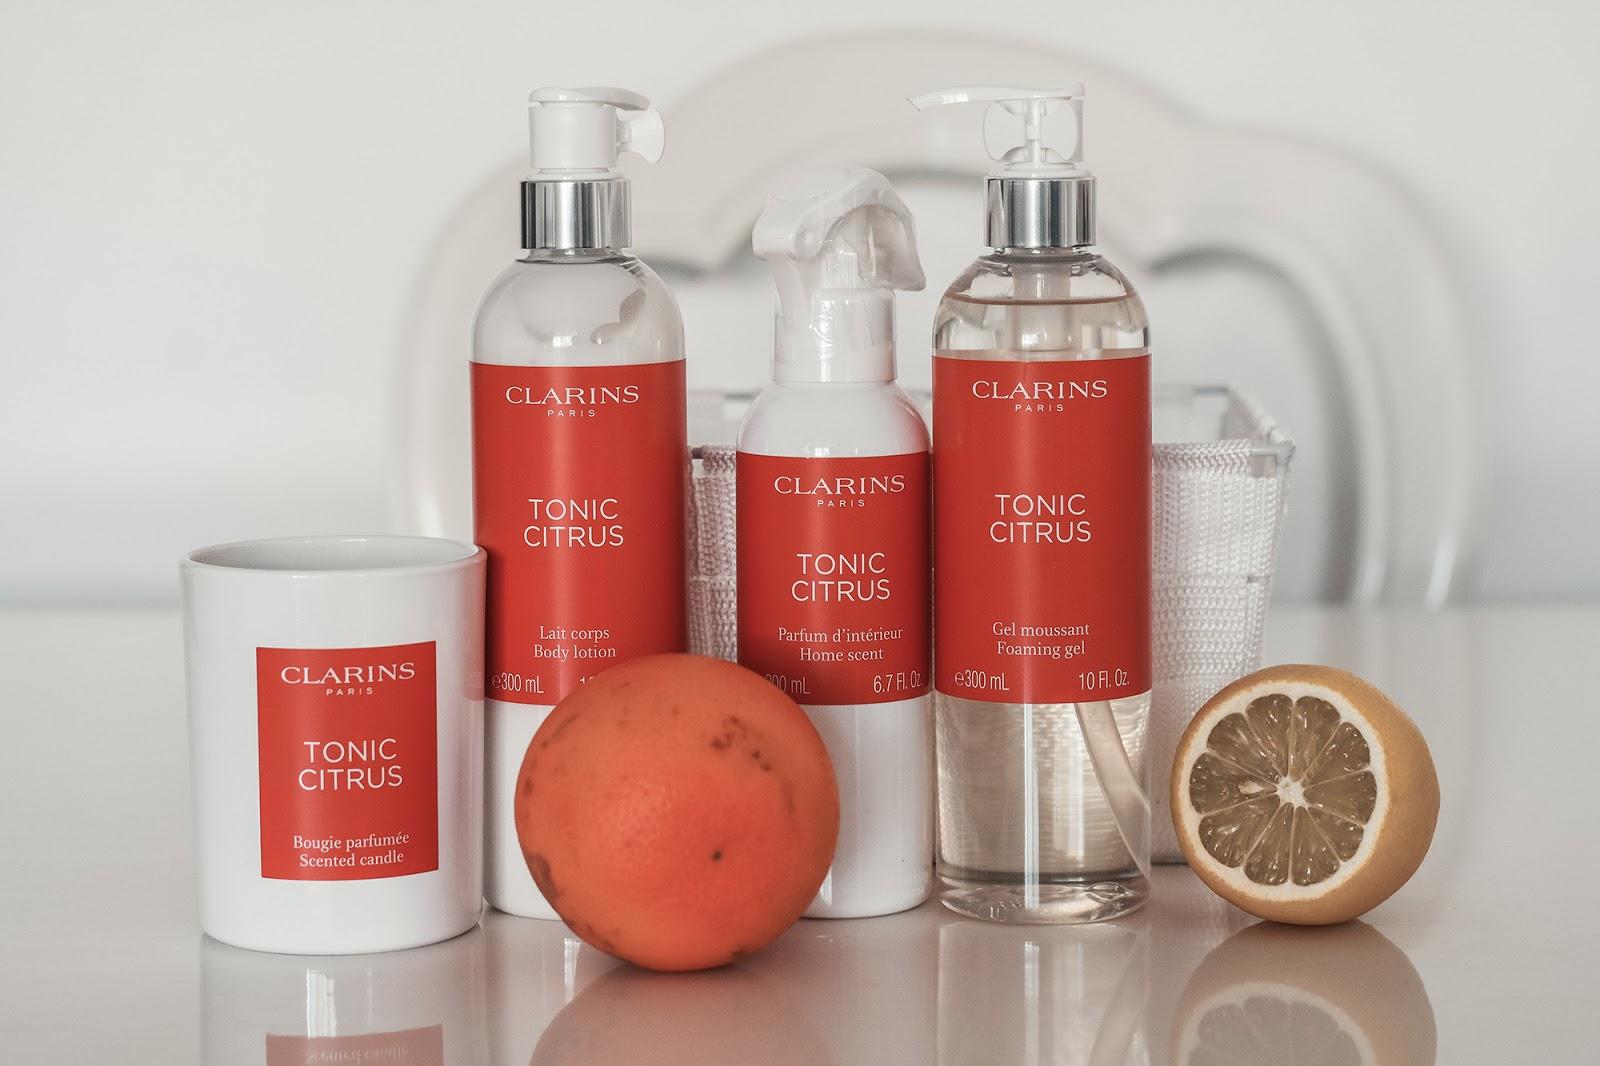 linea tonic citrus clarins